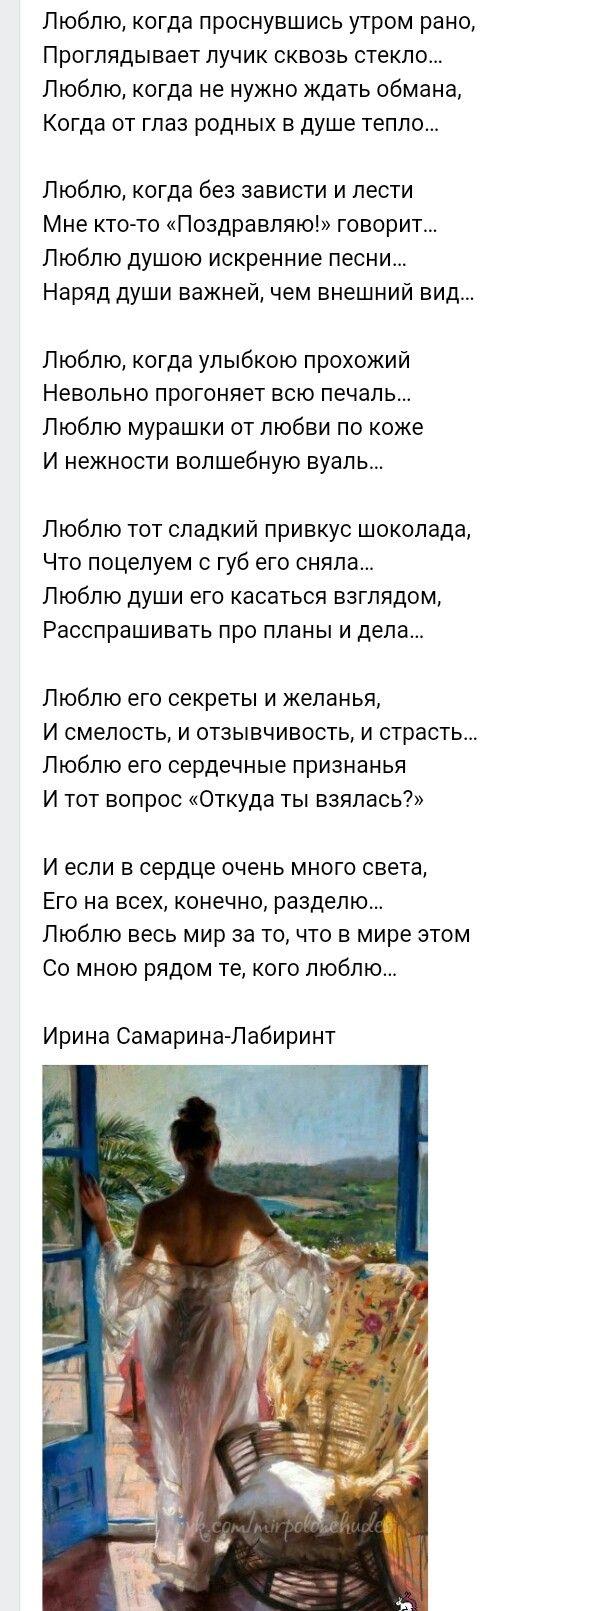 https://ru.pinterest.com/nataliakot19707/стихотворение/?utm_campaign=bprecs&e_t=520206d66d184a64a9b65563da6b6f1d&utm_content=838021511850788009&utm_source=31&utm_term=4&utm_medium=2004